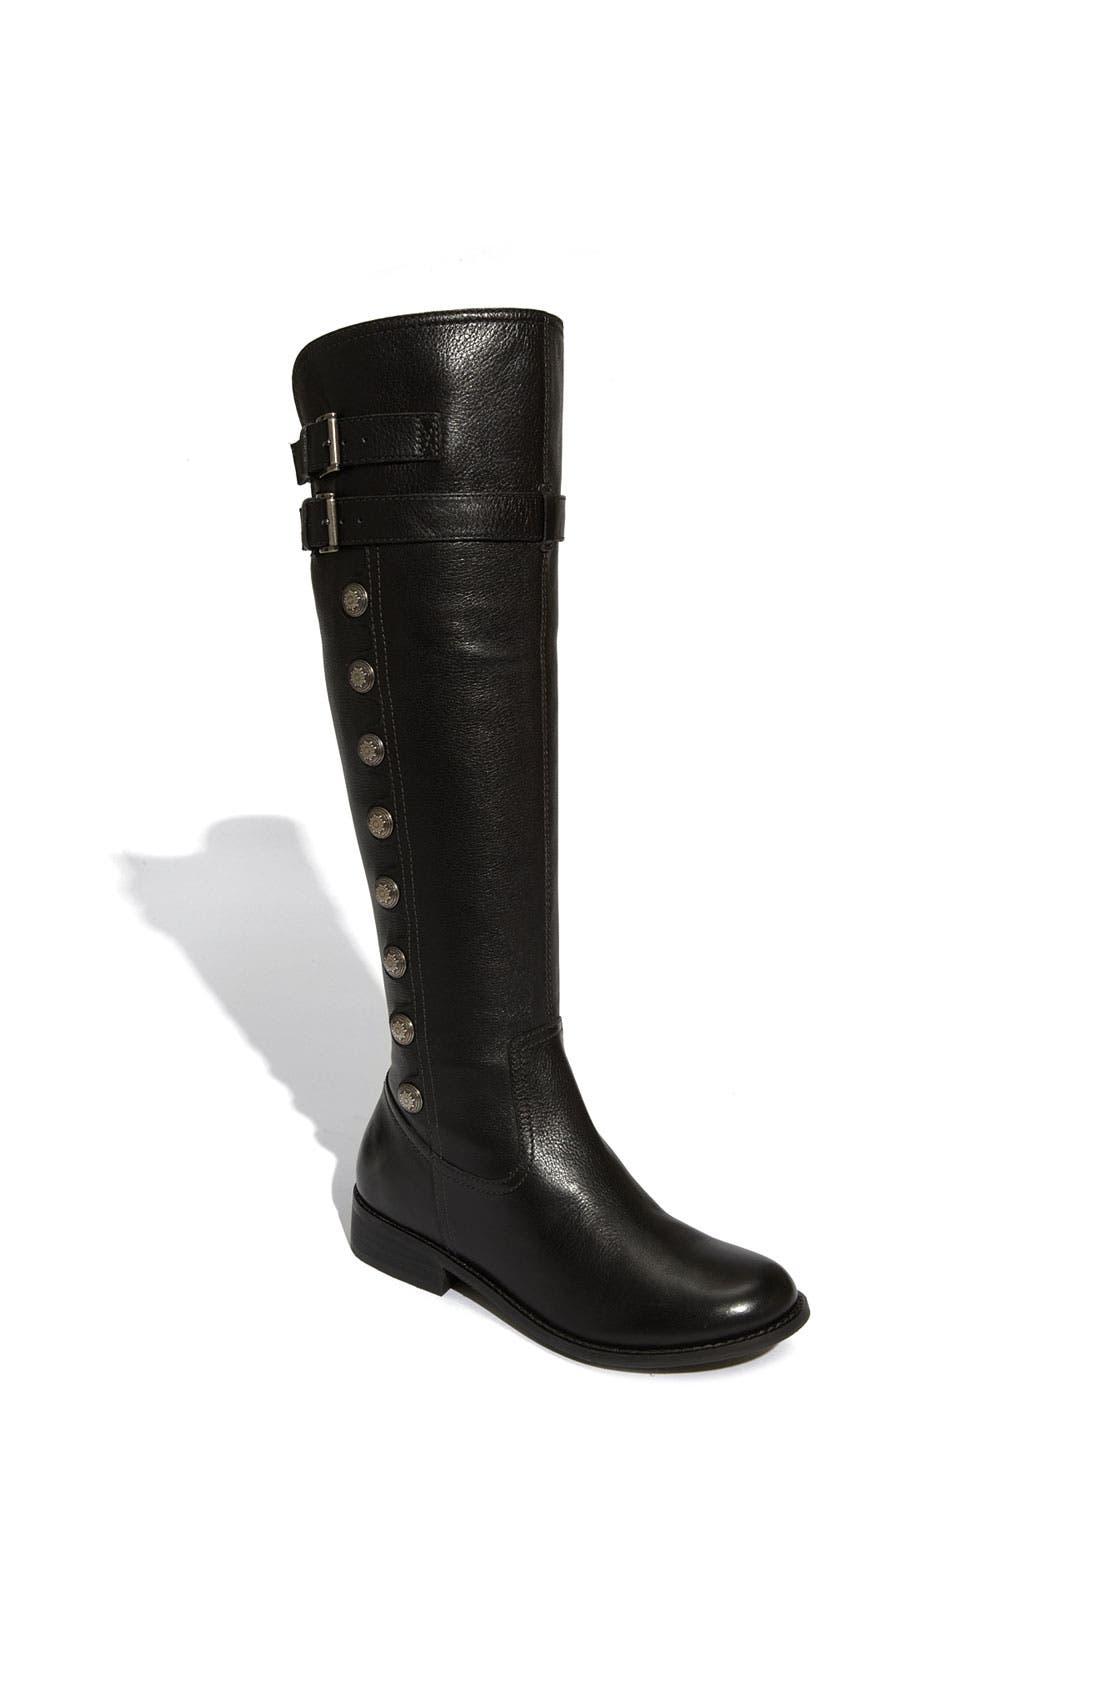 Alternate Image 1 Selected - BP. 'Ruston' Boot